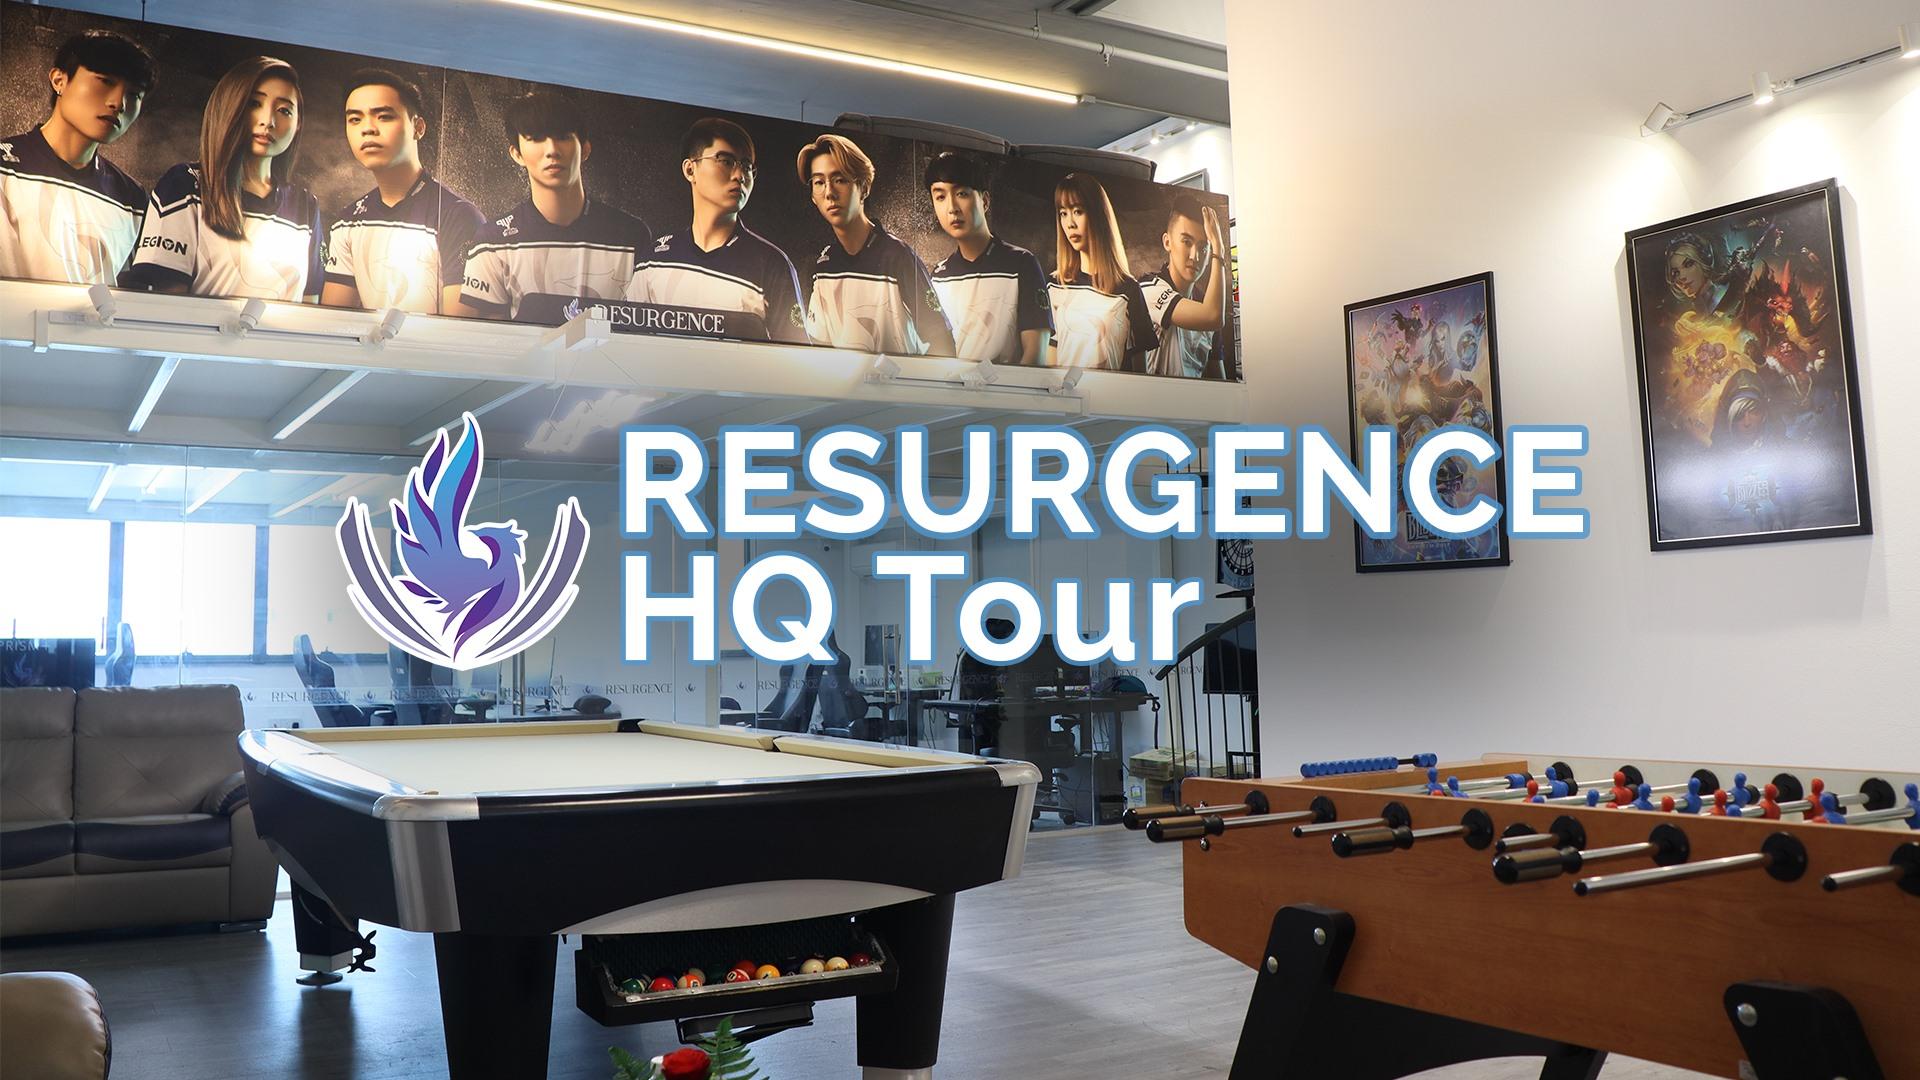 Resurgence Videos